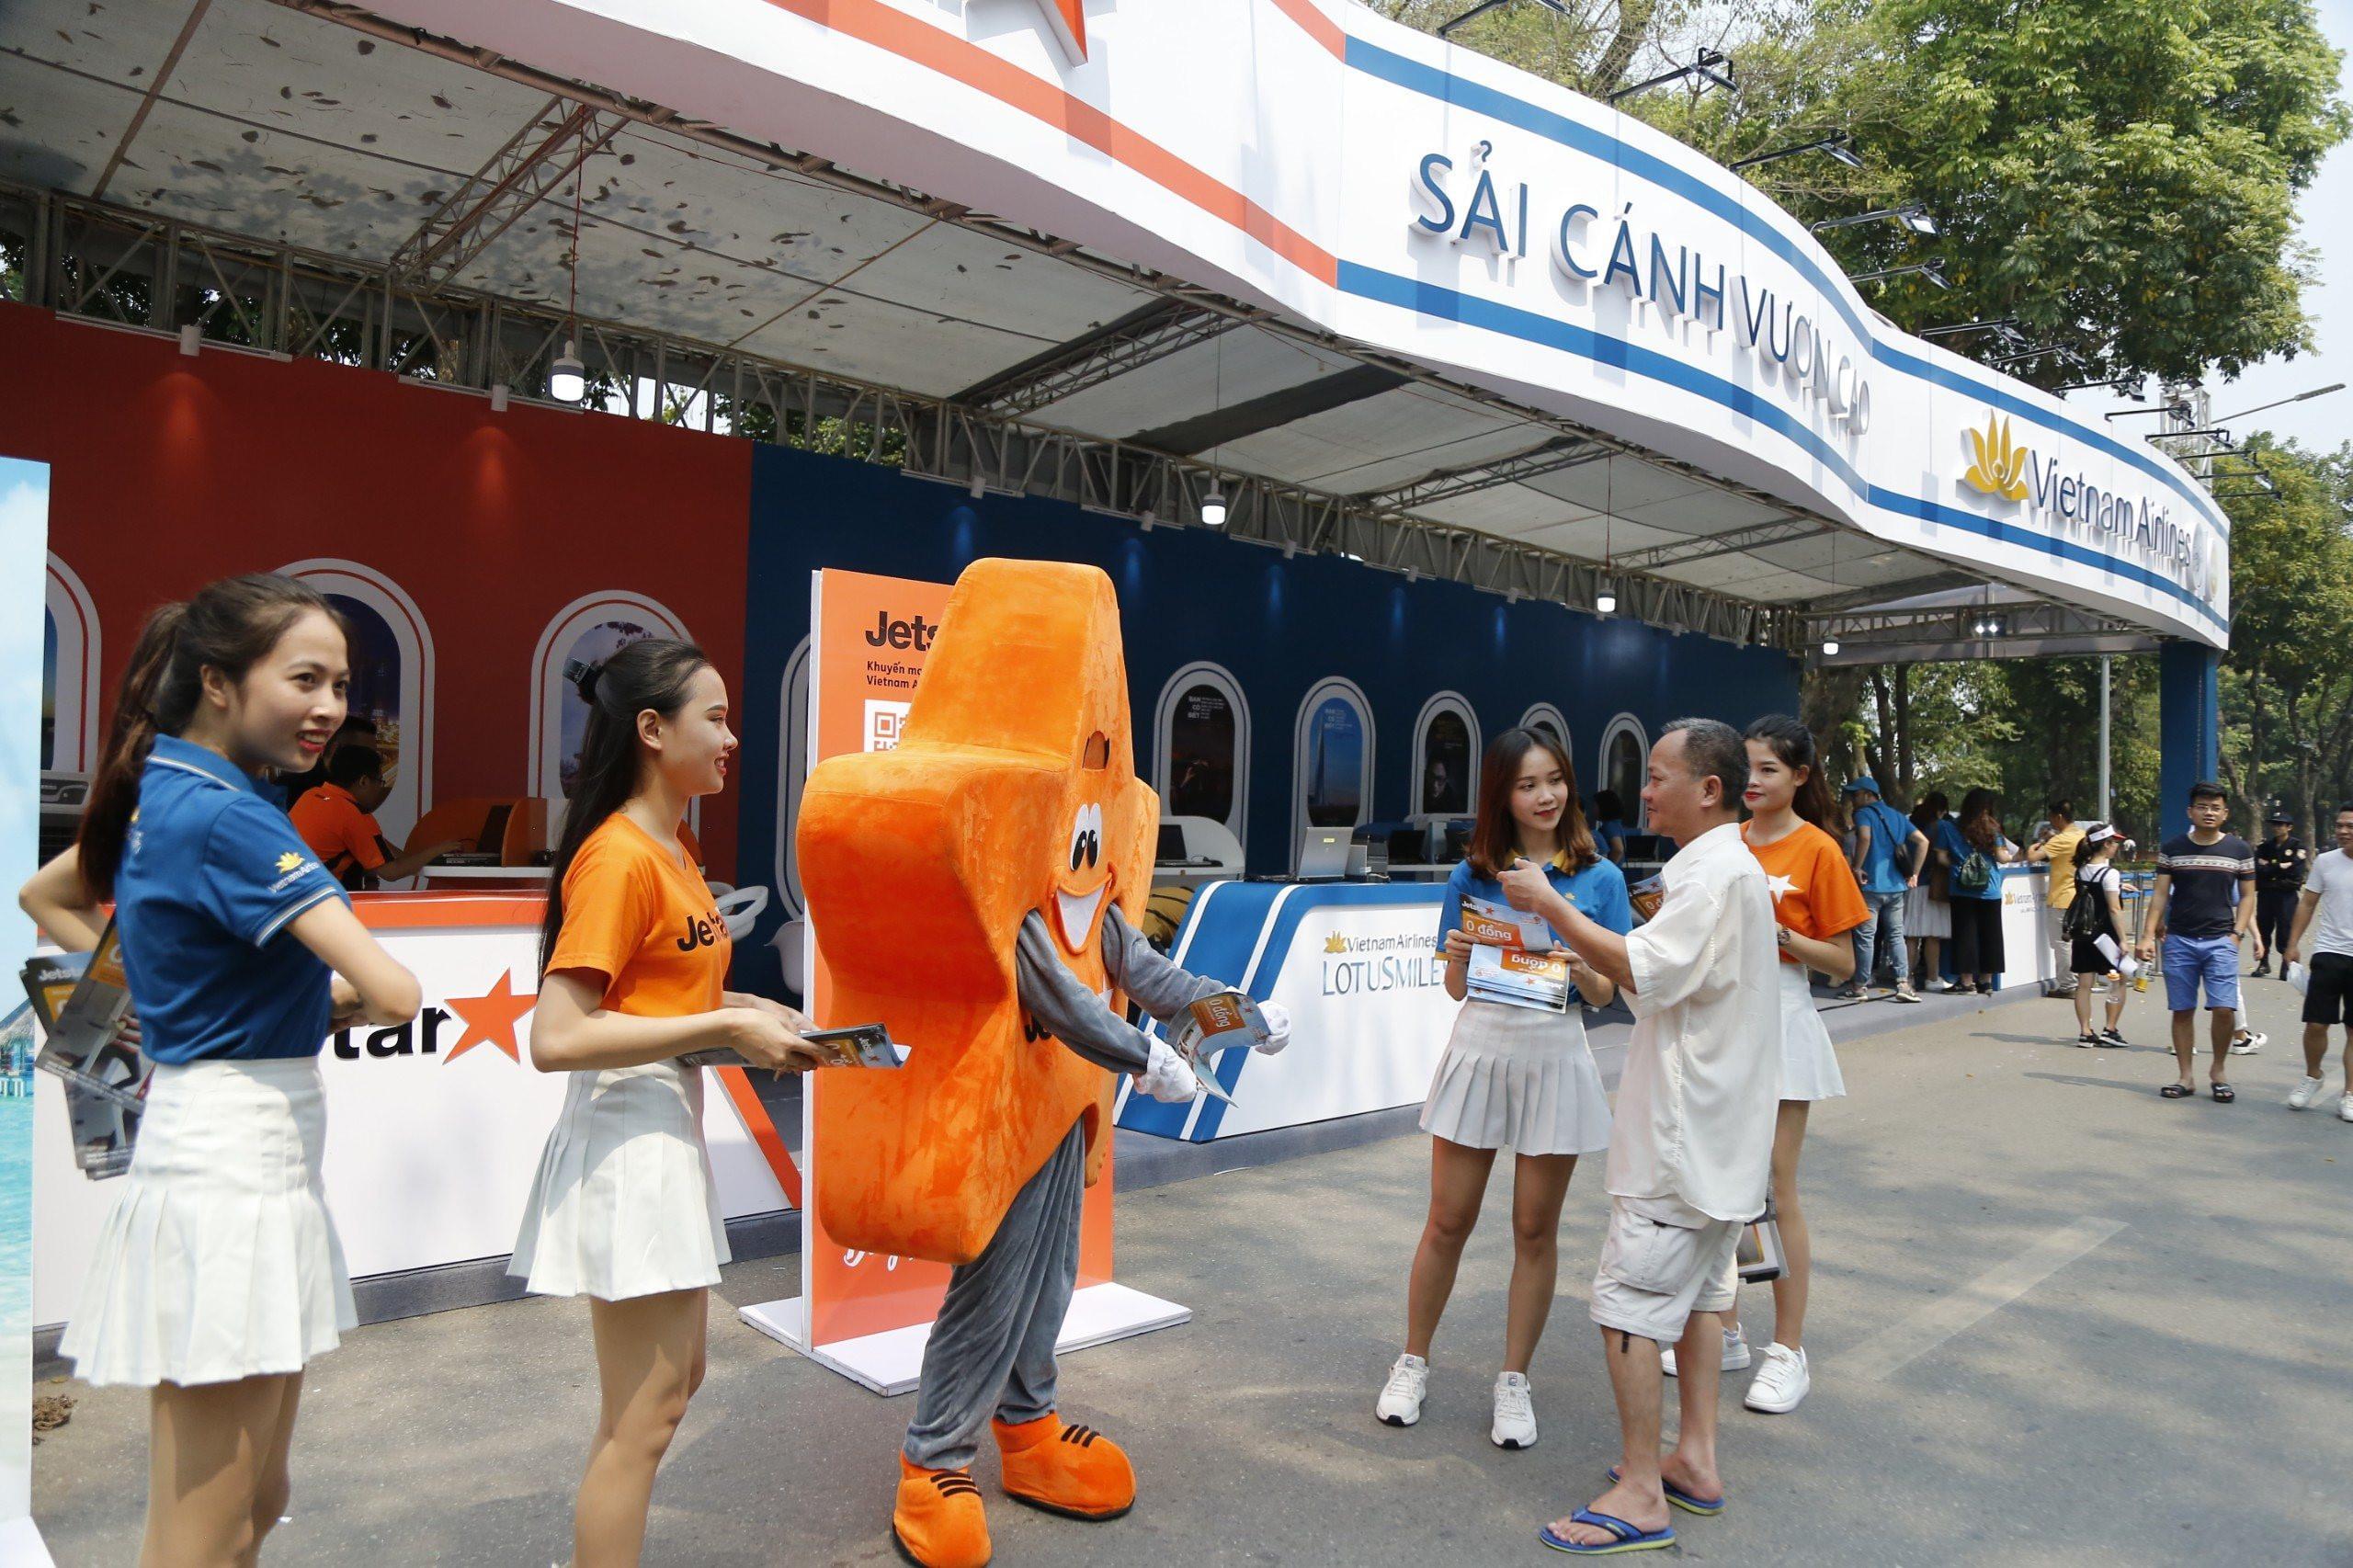 'Săn' vé 190.000 đồng cho nhiều đường bay từ Hà Nội Ảnh 2